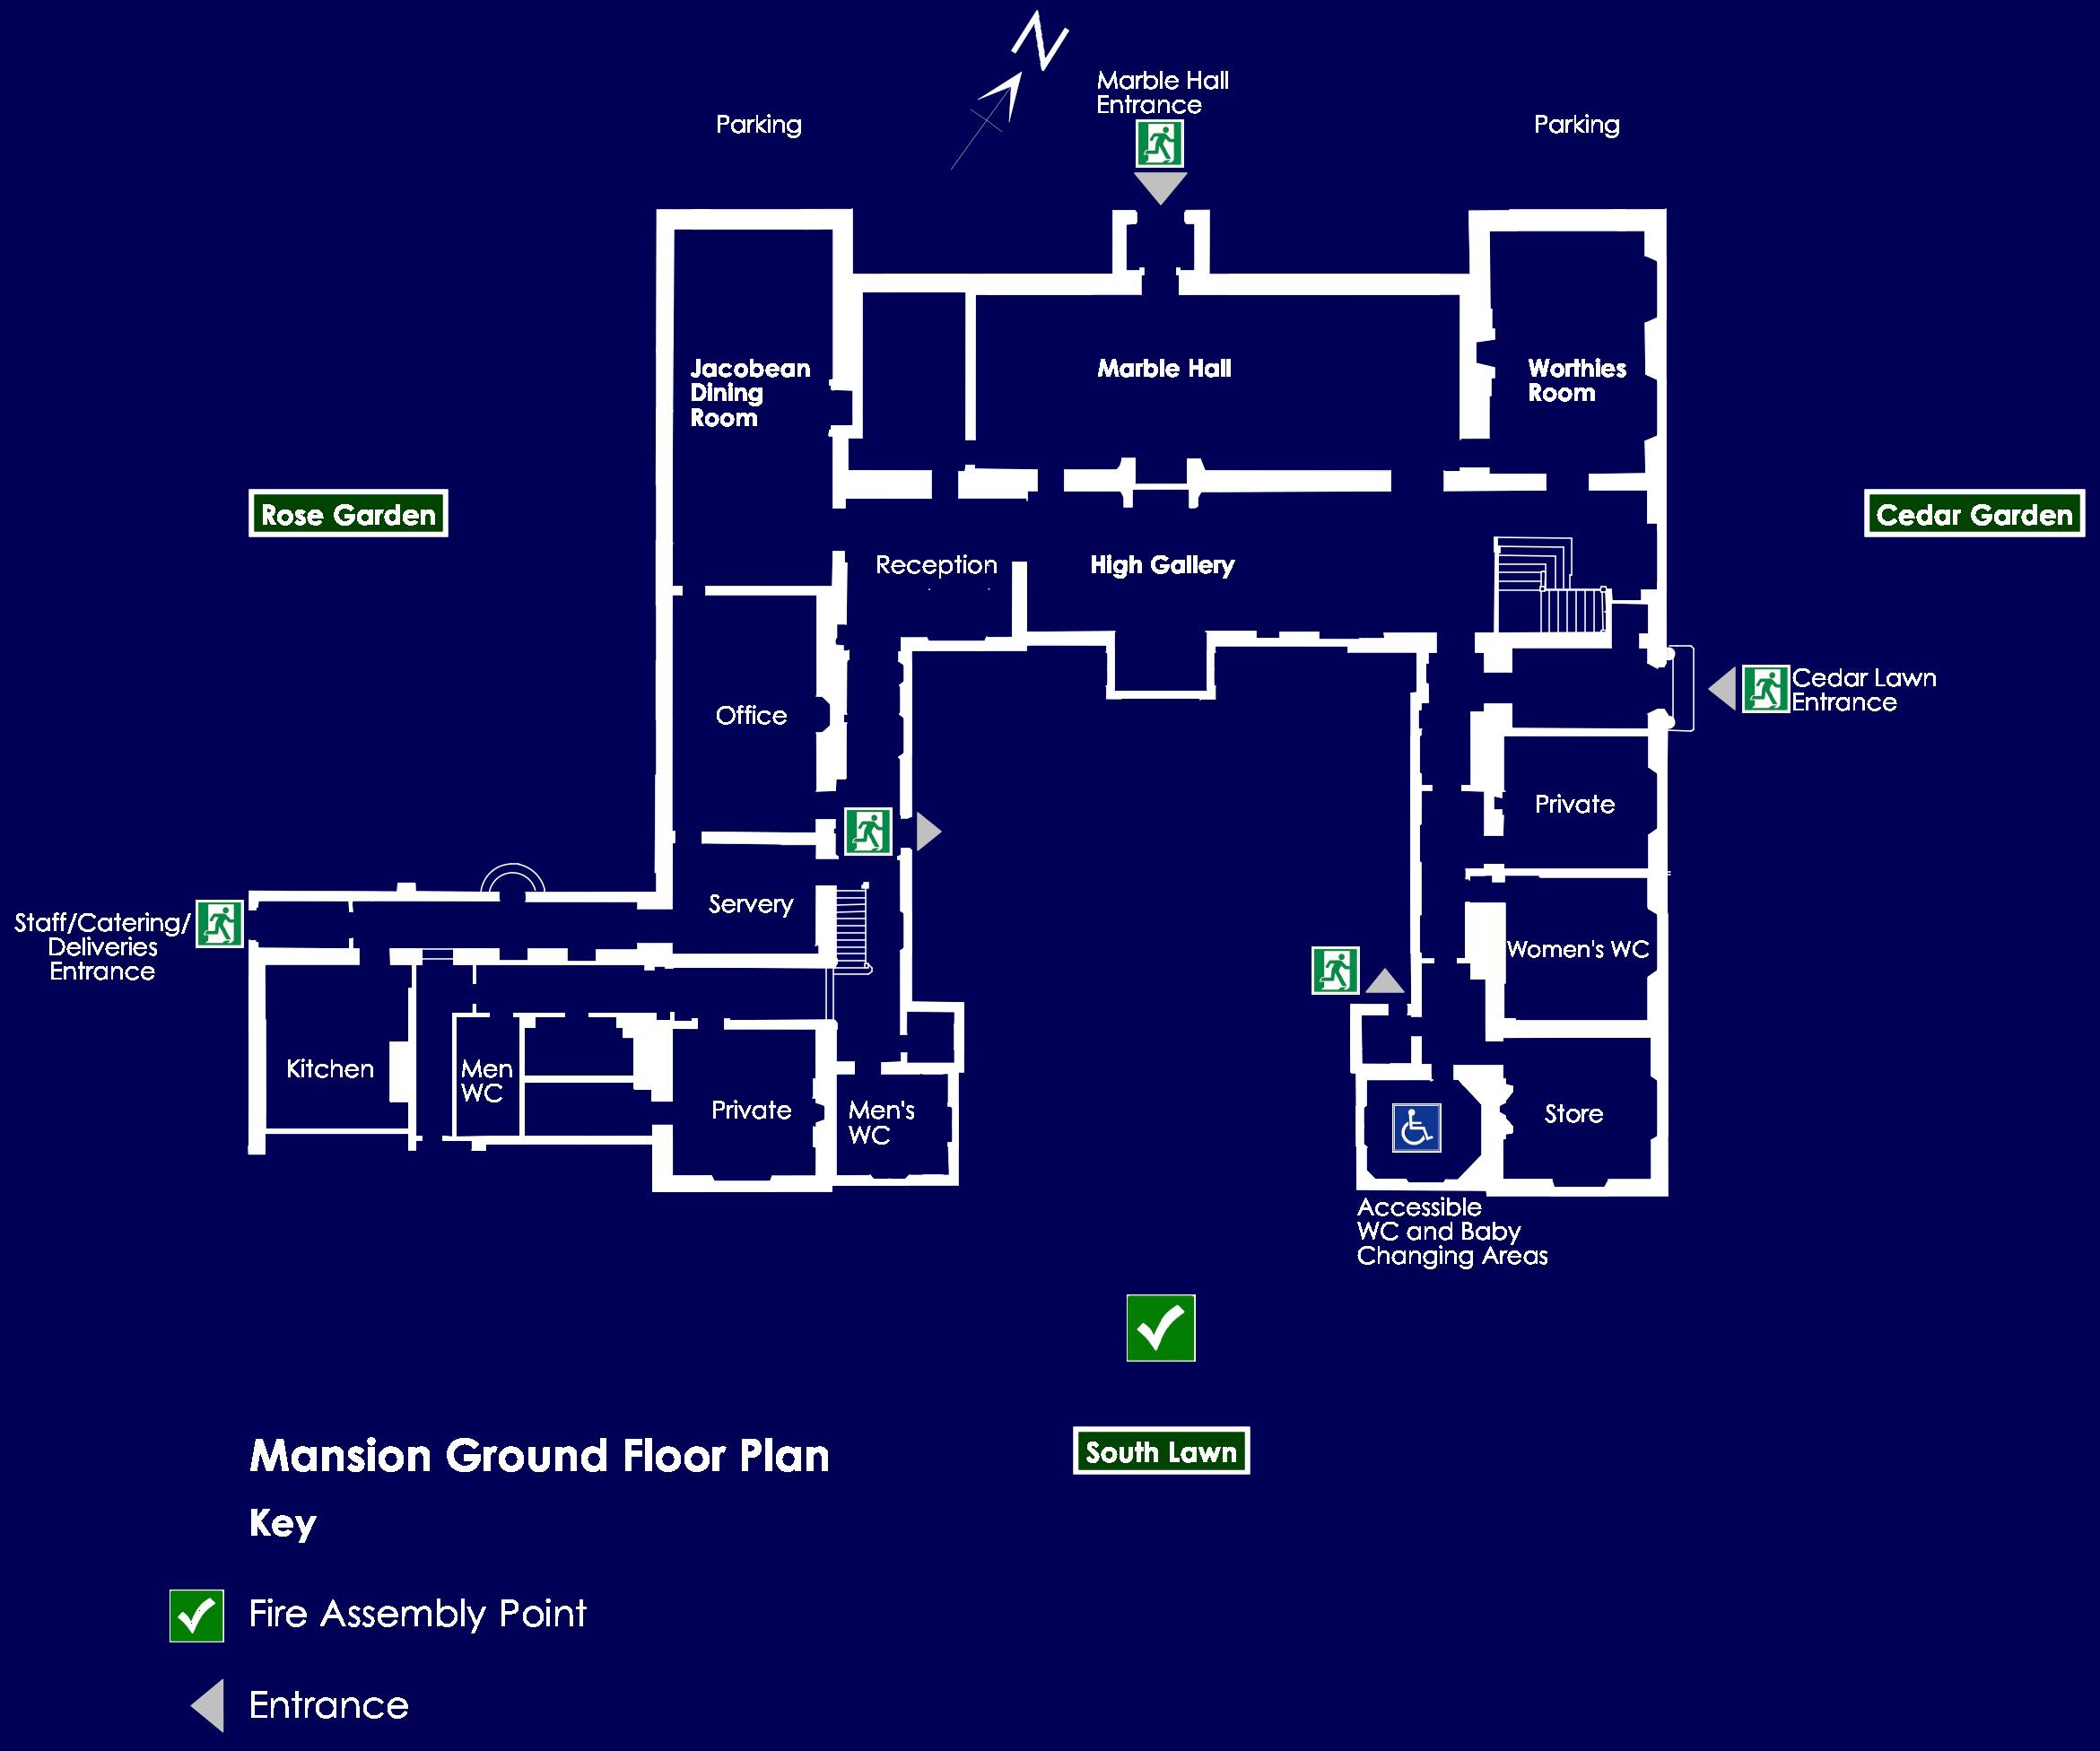 Mansion Ground Floor Plan